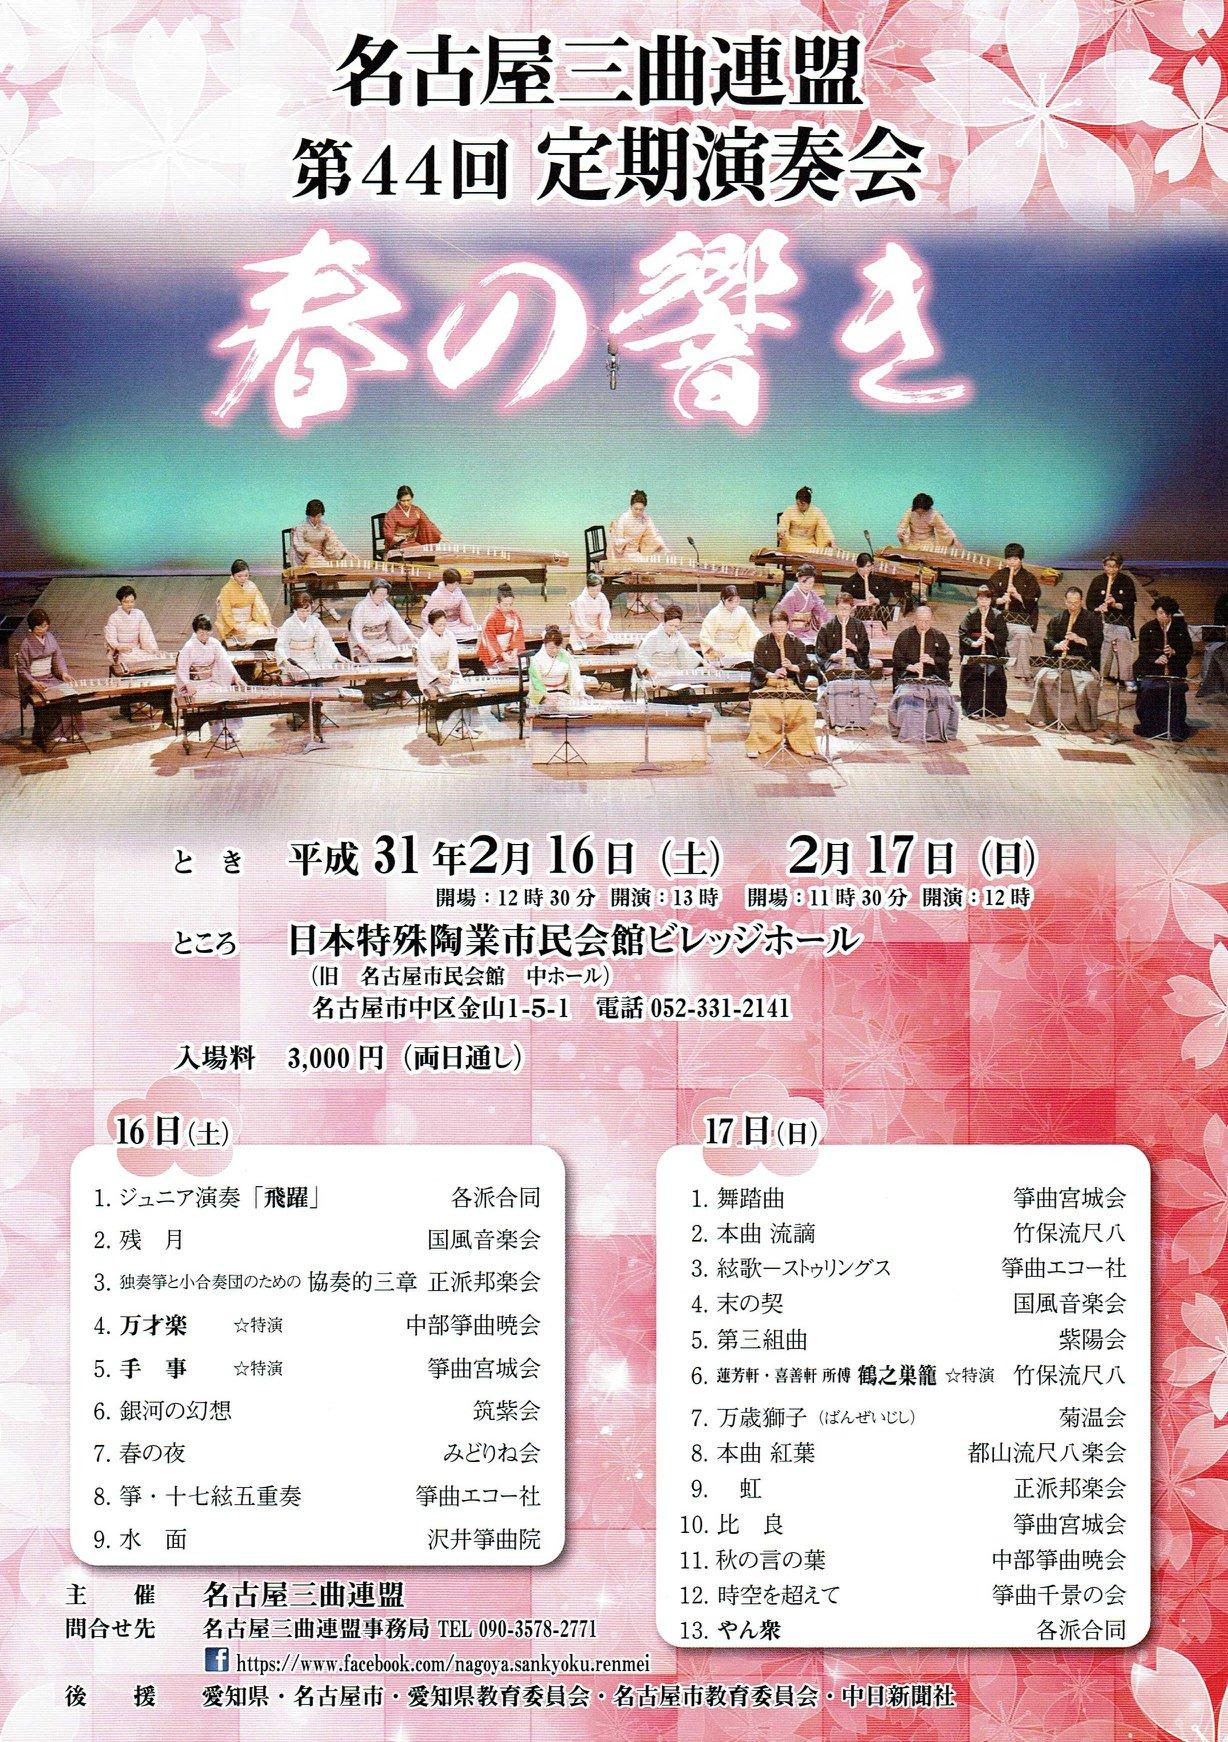 名古屋三曲連盟 第4回 定期演奏会 春の響き